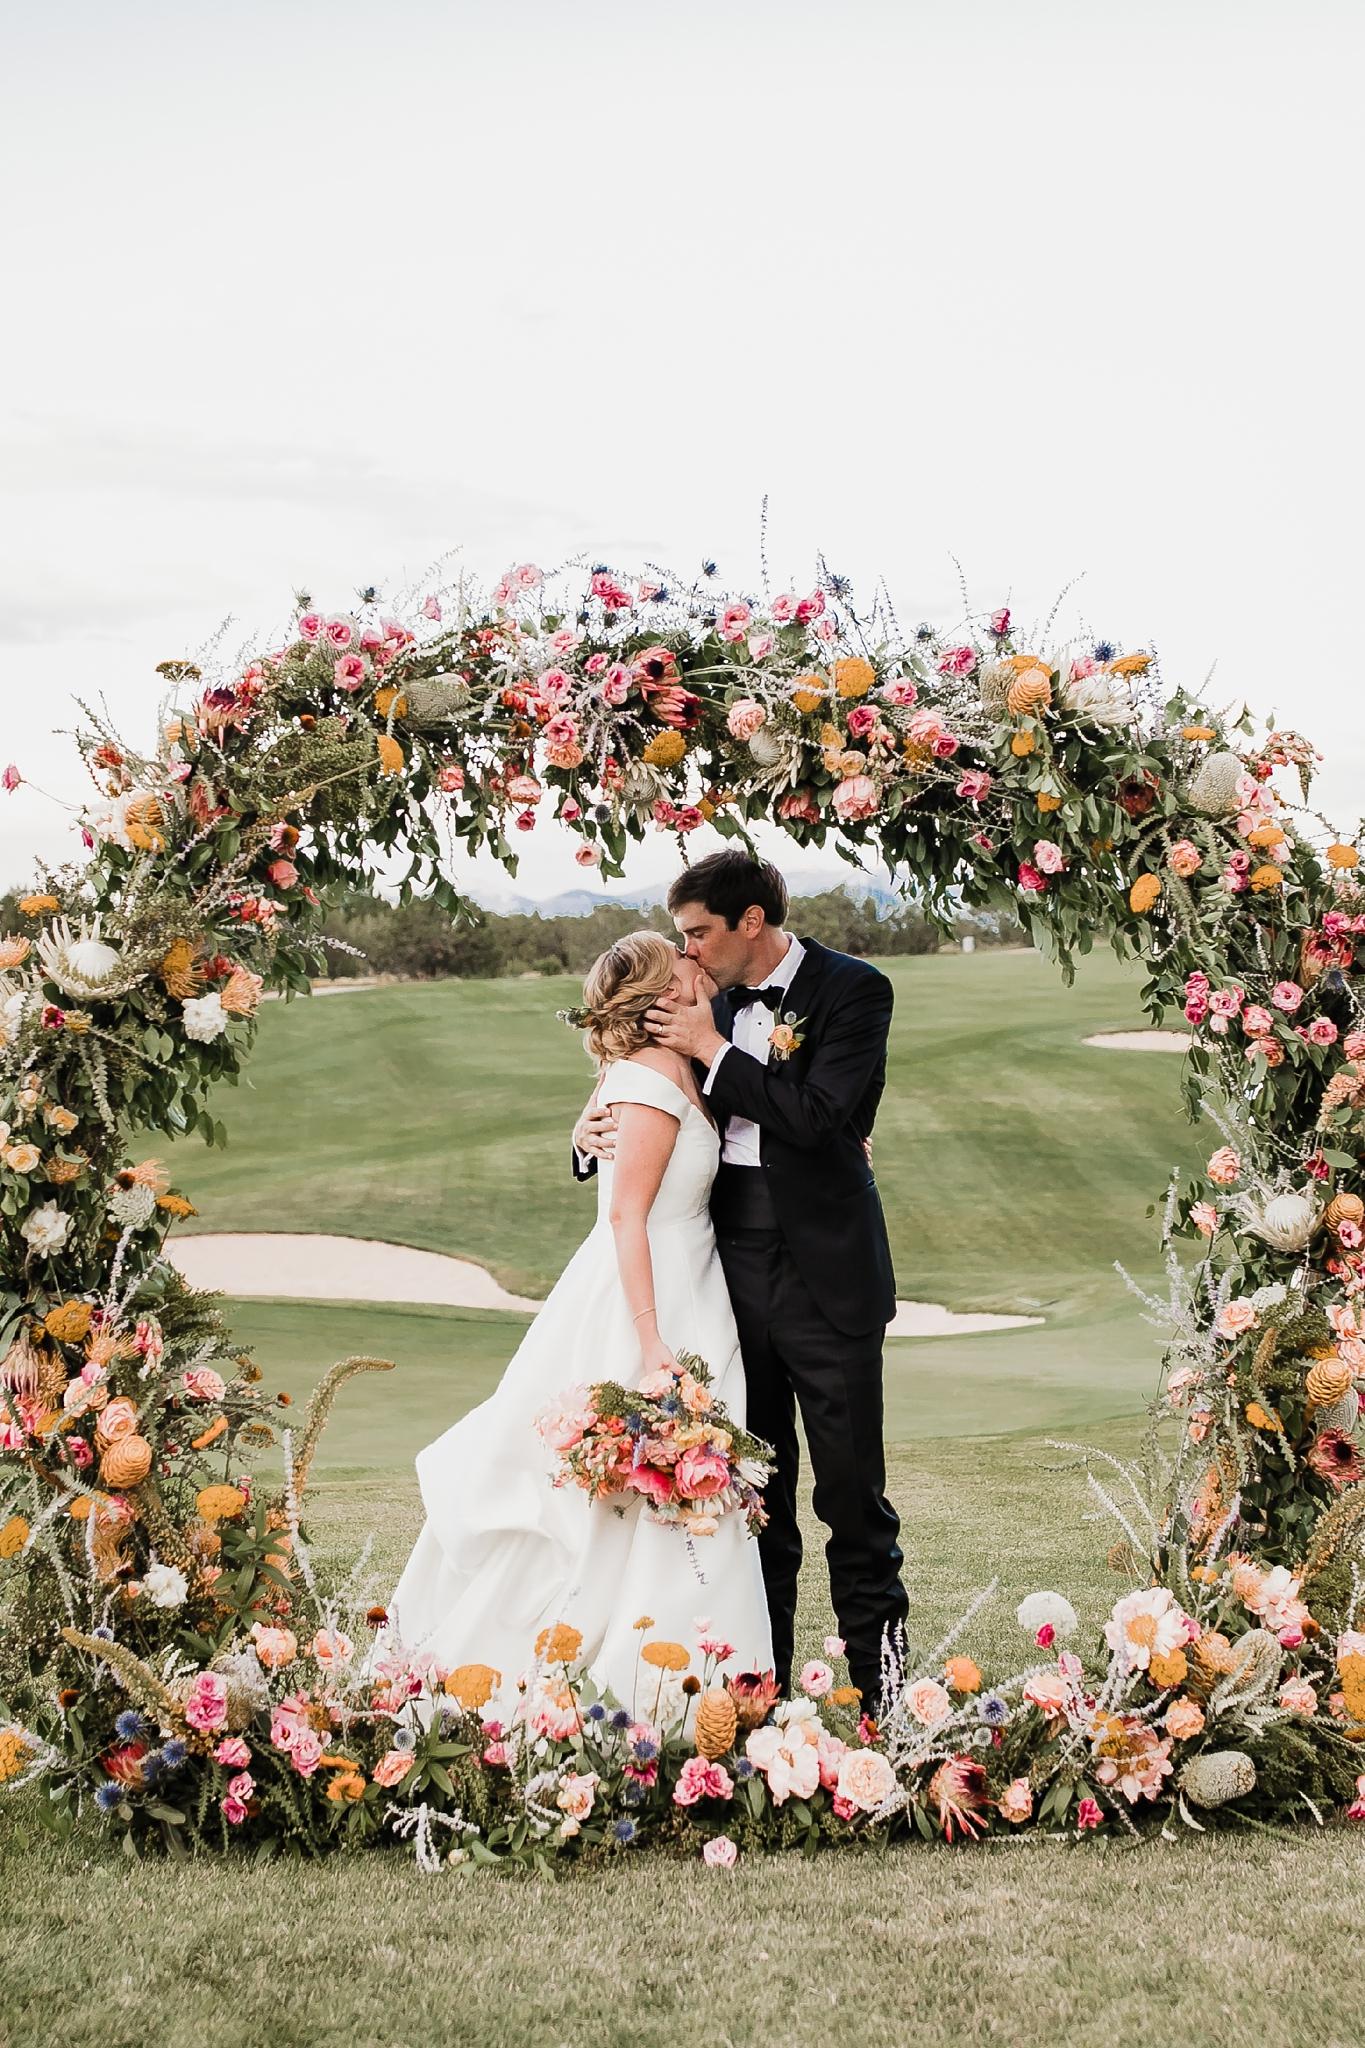 Alicia+lucia+photography+-+albuquerque+wedding+photographer+-+santa+fe+wedding+photography+-+new+mexico+wedding+photographer+-+new+mexico+wedding+-+las+campanas+wedding+-+santa+fe+wedding+-+maximalist+wedding+-+destination+wedding_0090.jpg